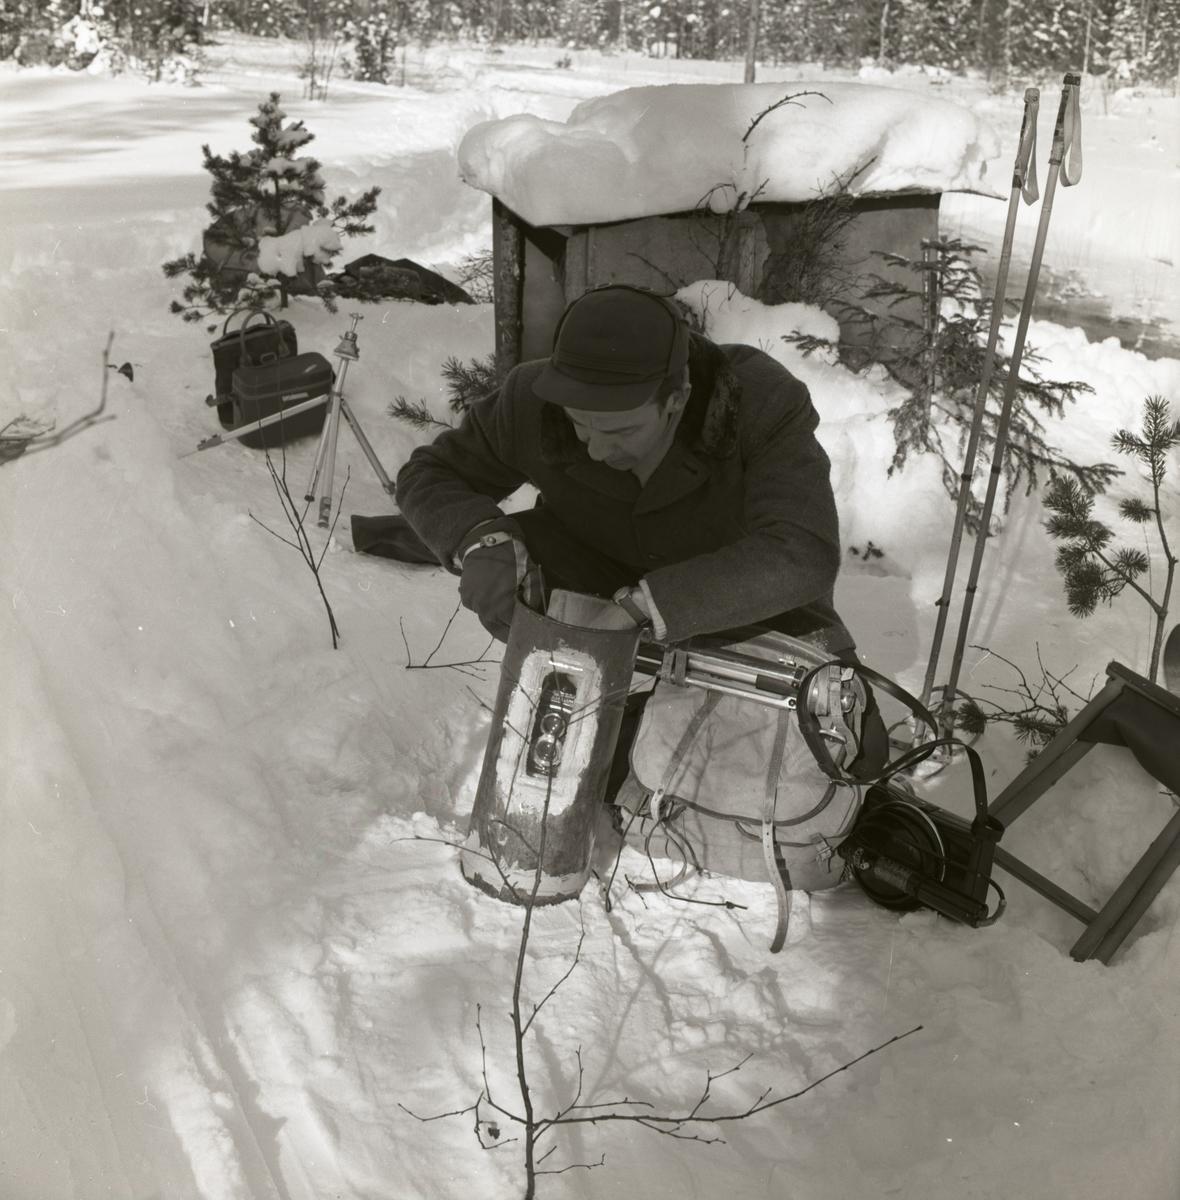 En man riggar fotoutrustning, sittandes på huk i snön, 1962.